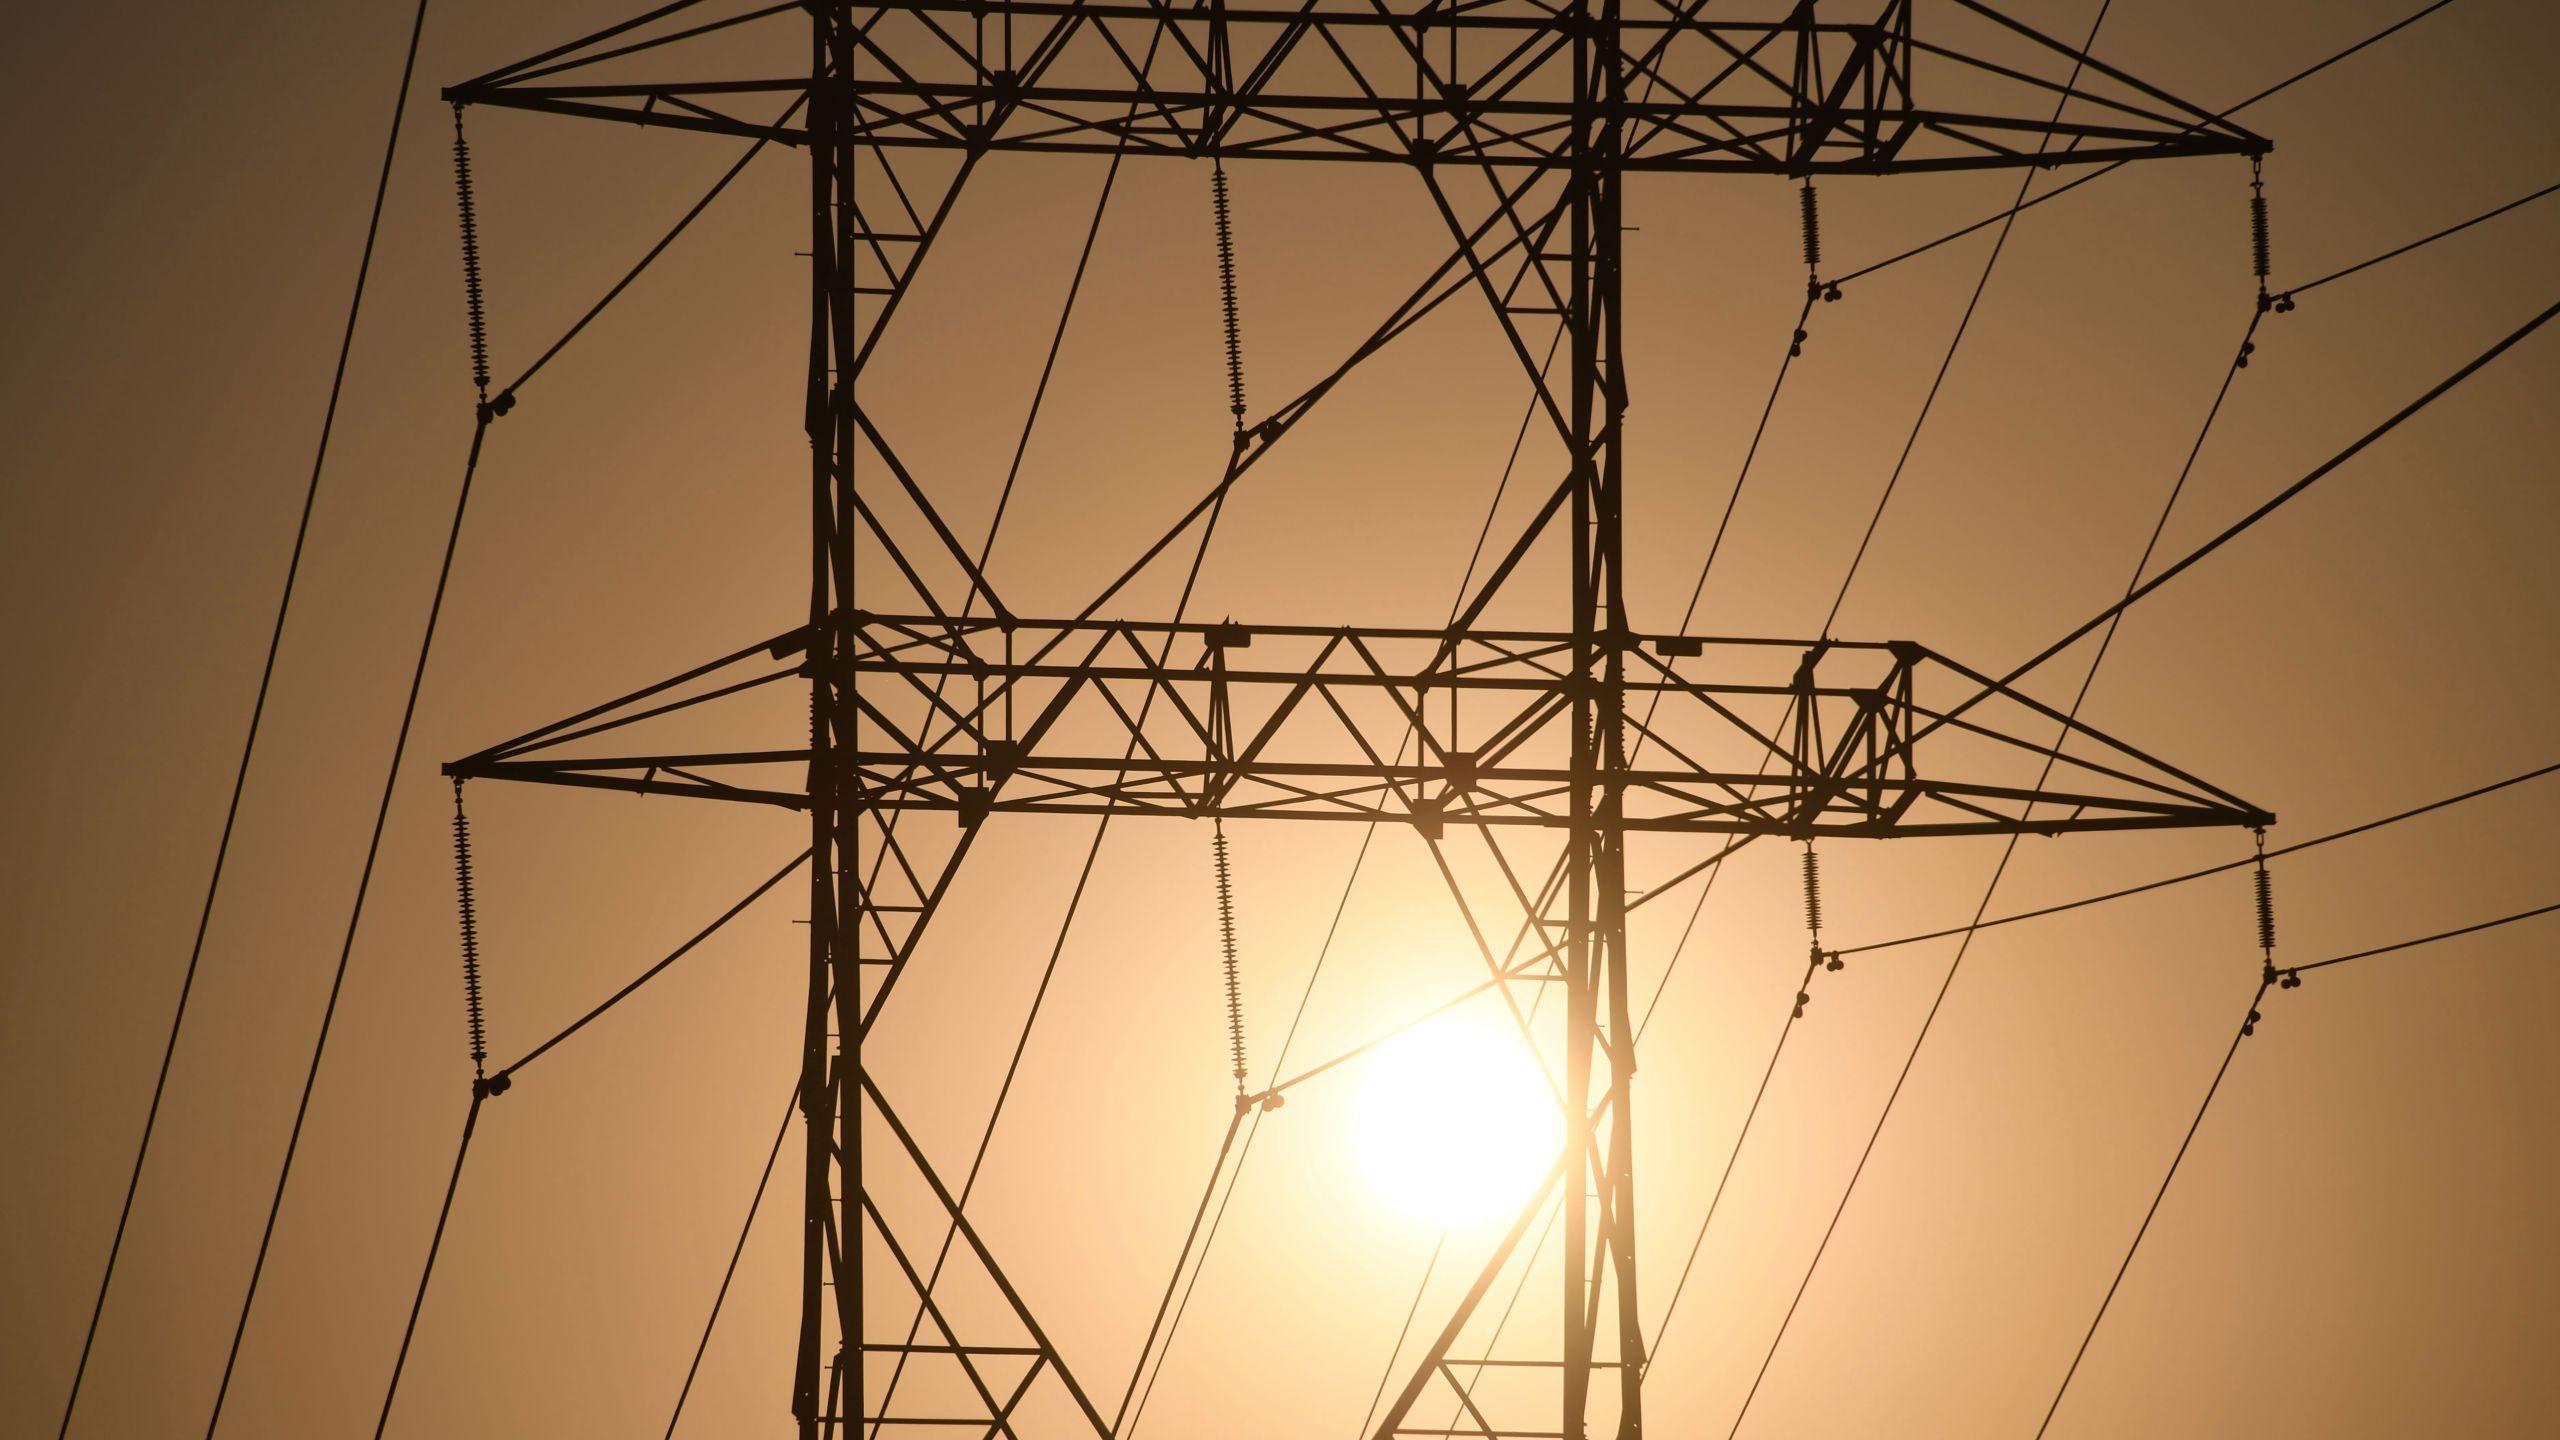 高温威胁电网!加州发布全州范围的节电警告⚠️